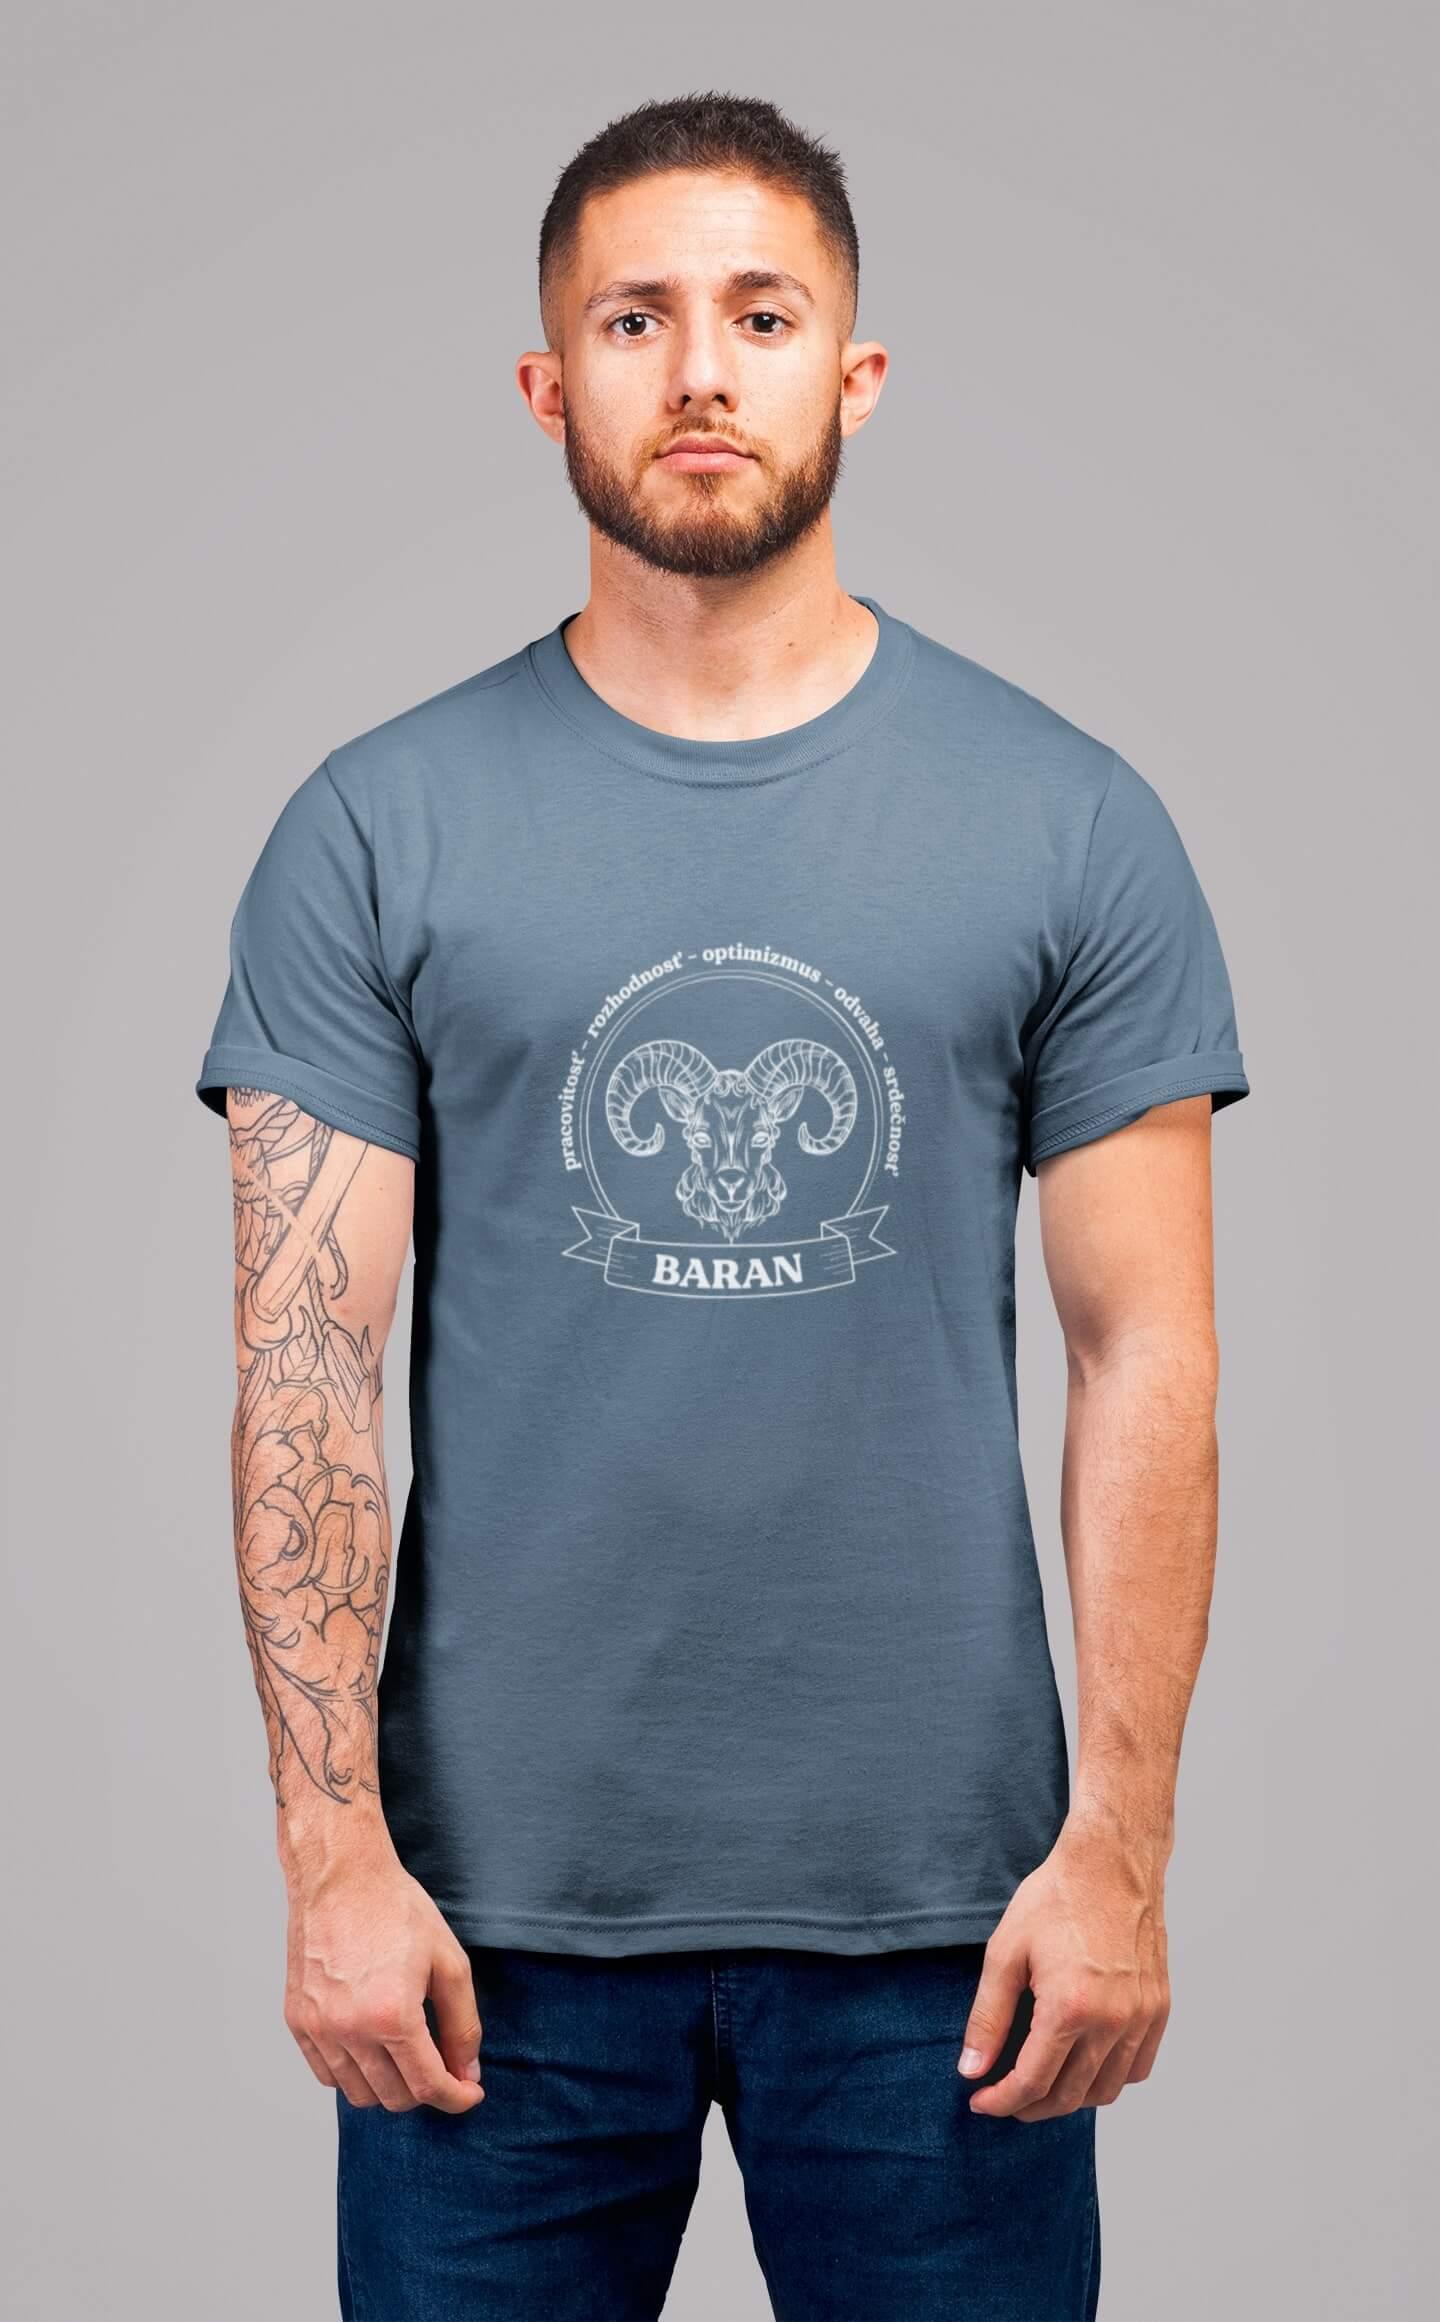 MMO Pánske tričko Baran Vyberte farbu: Denim, Vyberte veľkosť: XS